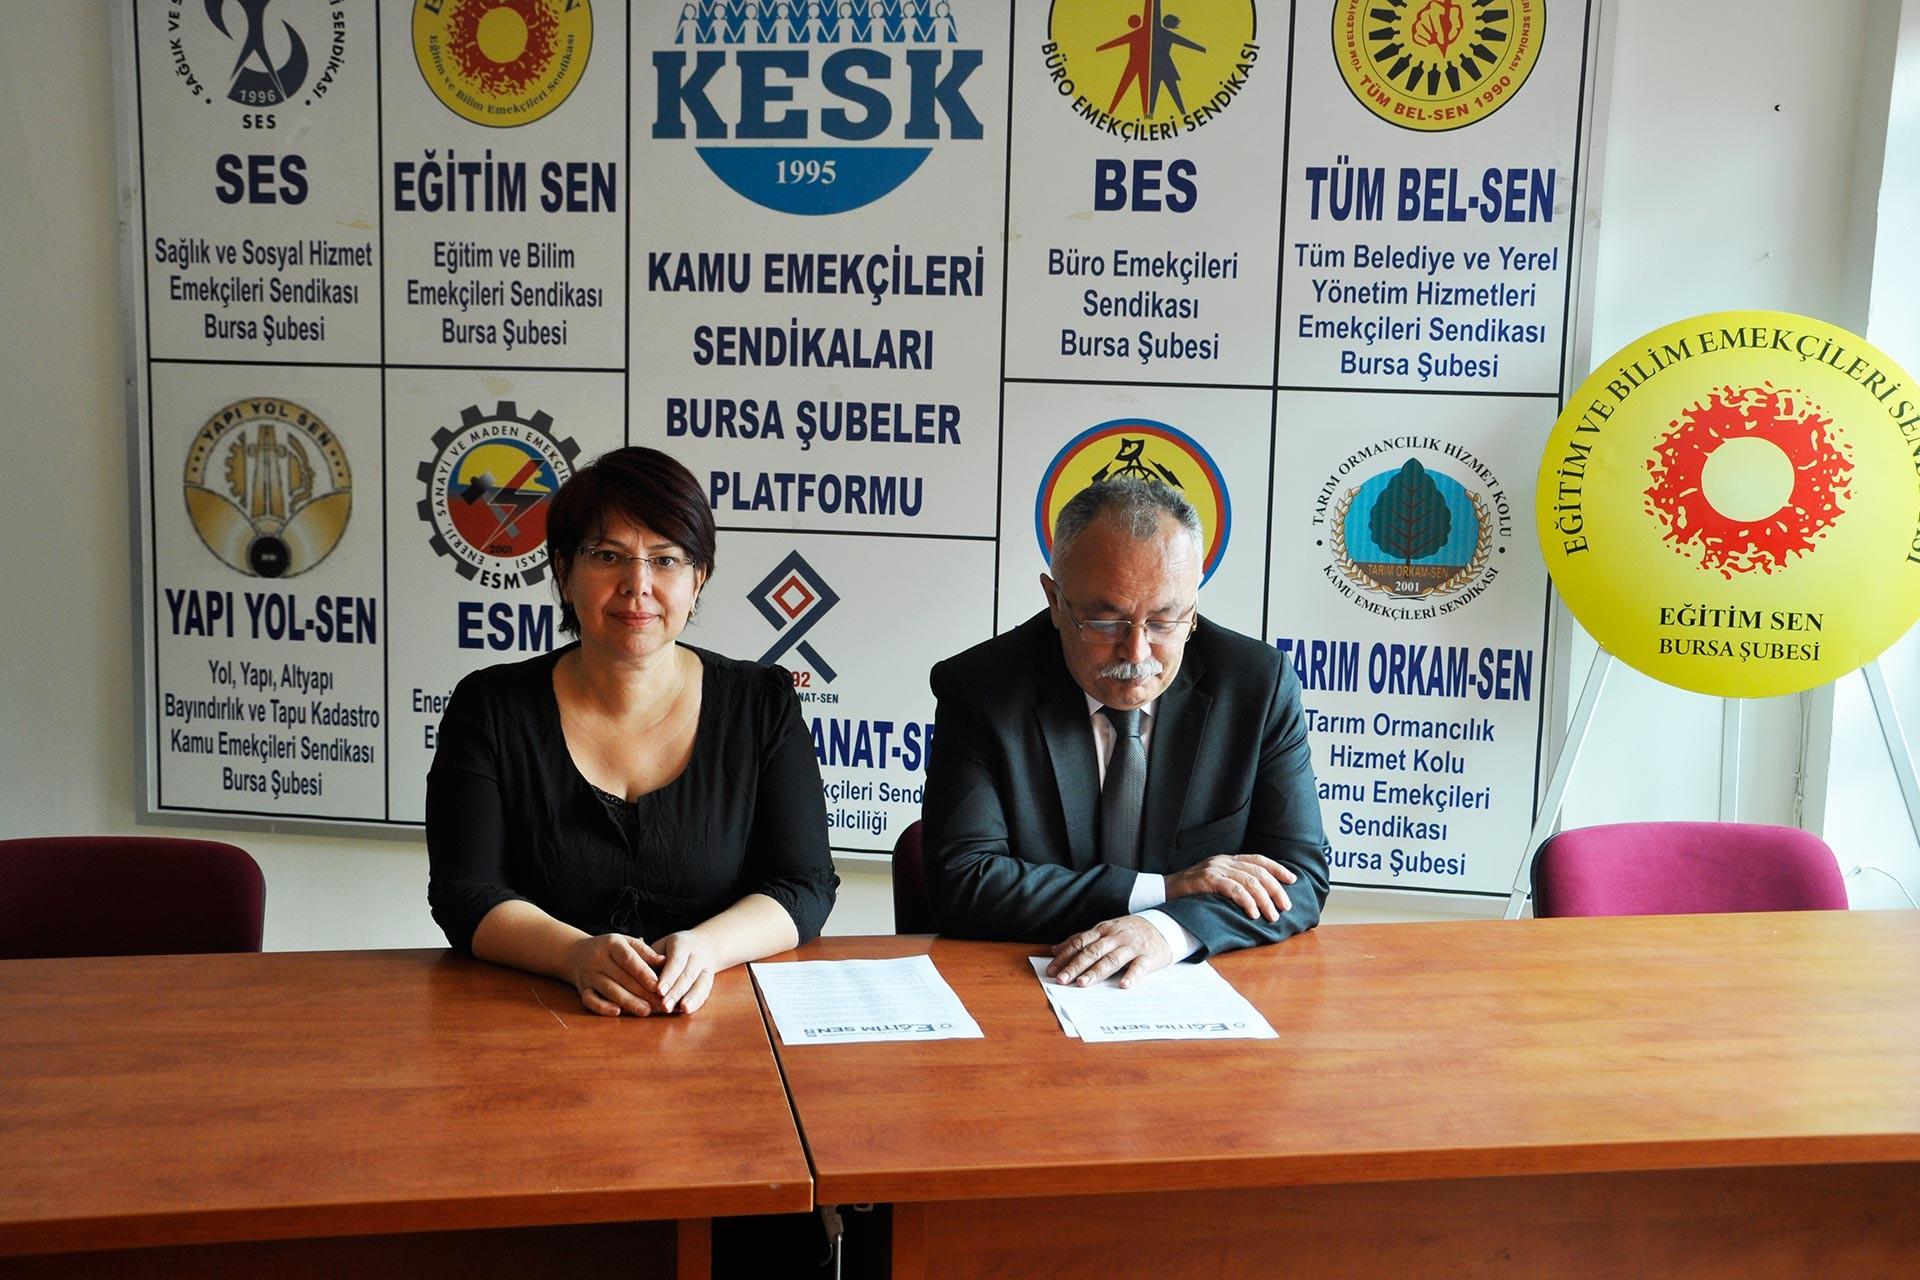 Eğitim Sen Bursa Şubesi Üyeleri, 23 Kasım Ankara mitingine çağrı yapmak amacı ile basın toplantısı gerçekleştirirken